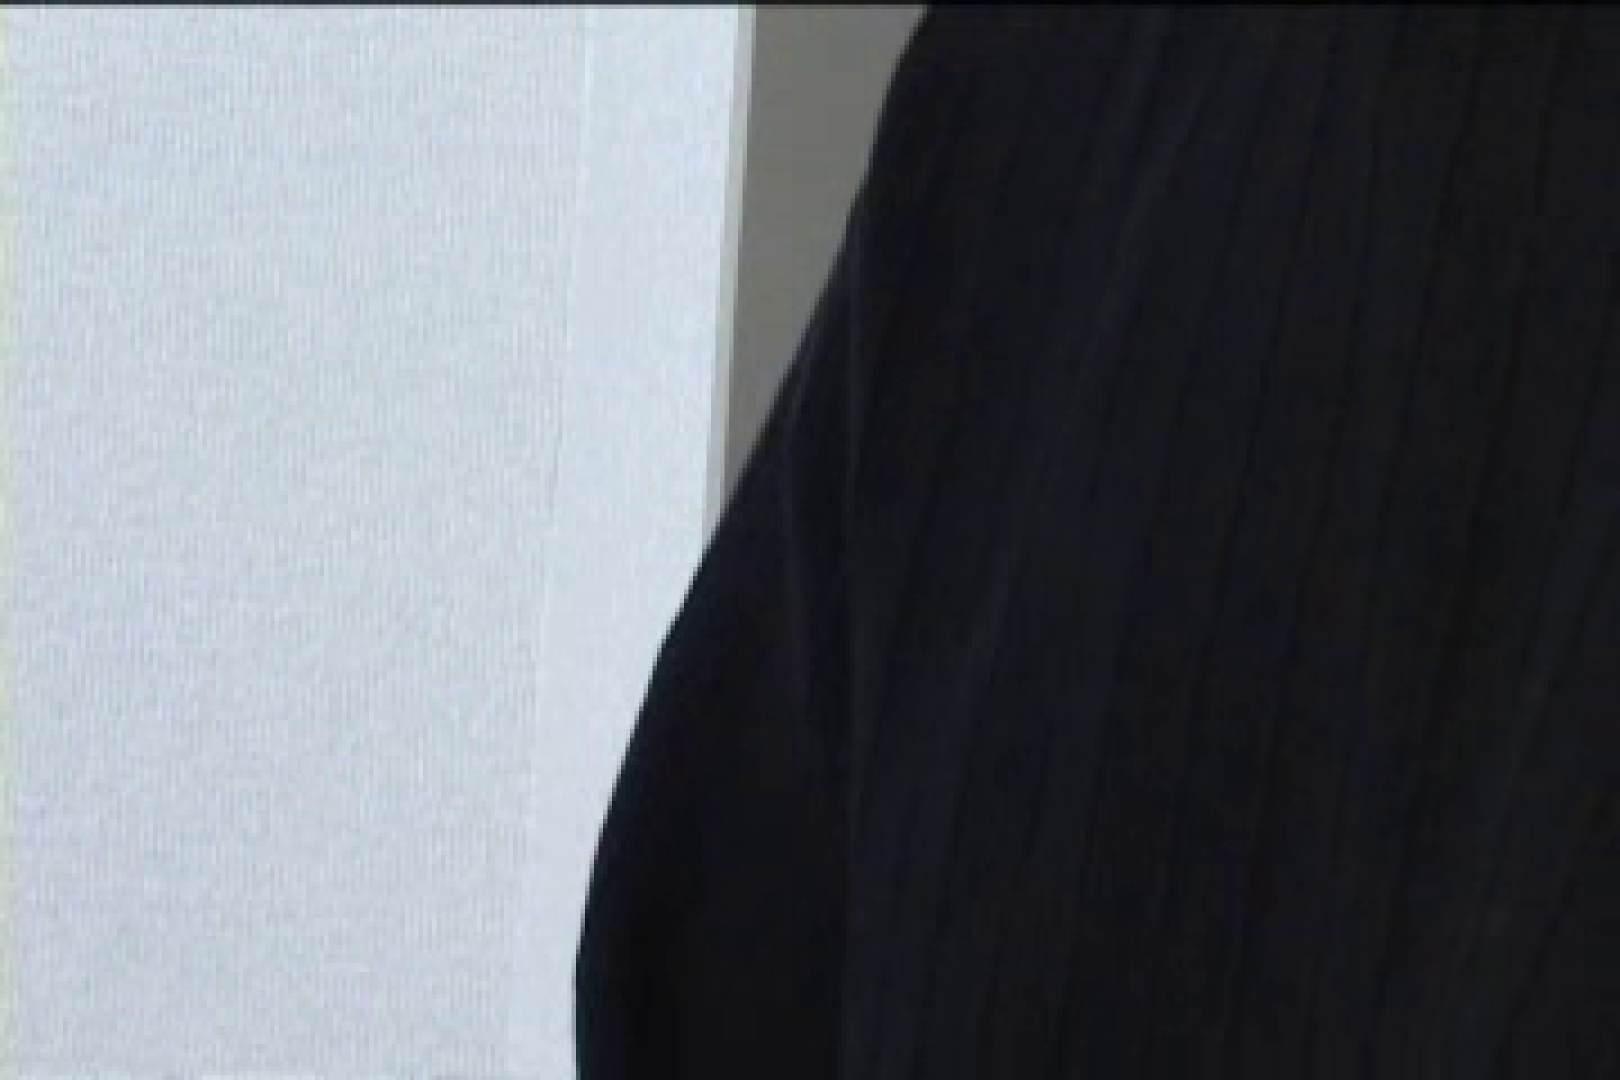 ノンケ君?まさかの初体験!!大学生のPVFile.first day イケメンパラダイス ゲイアダルトビデオ画像 75pic 75